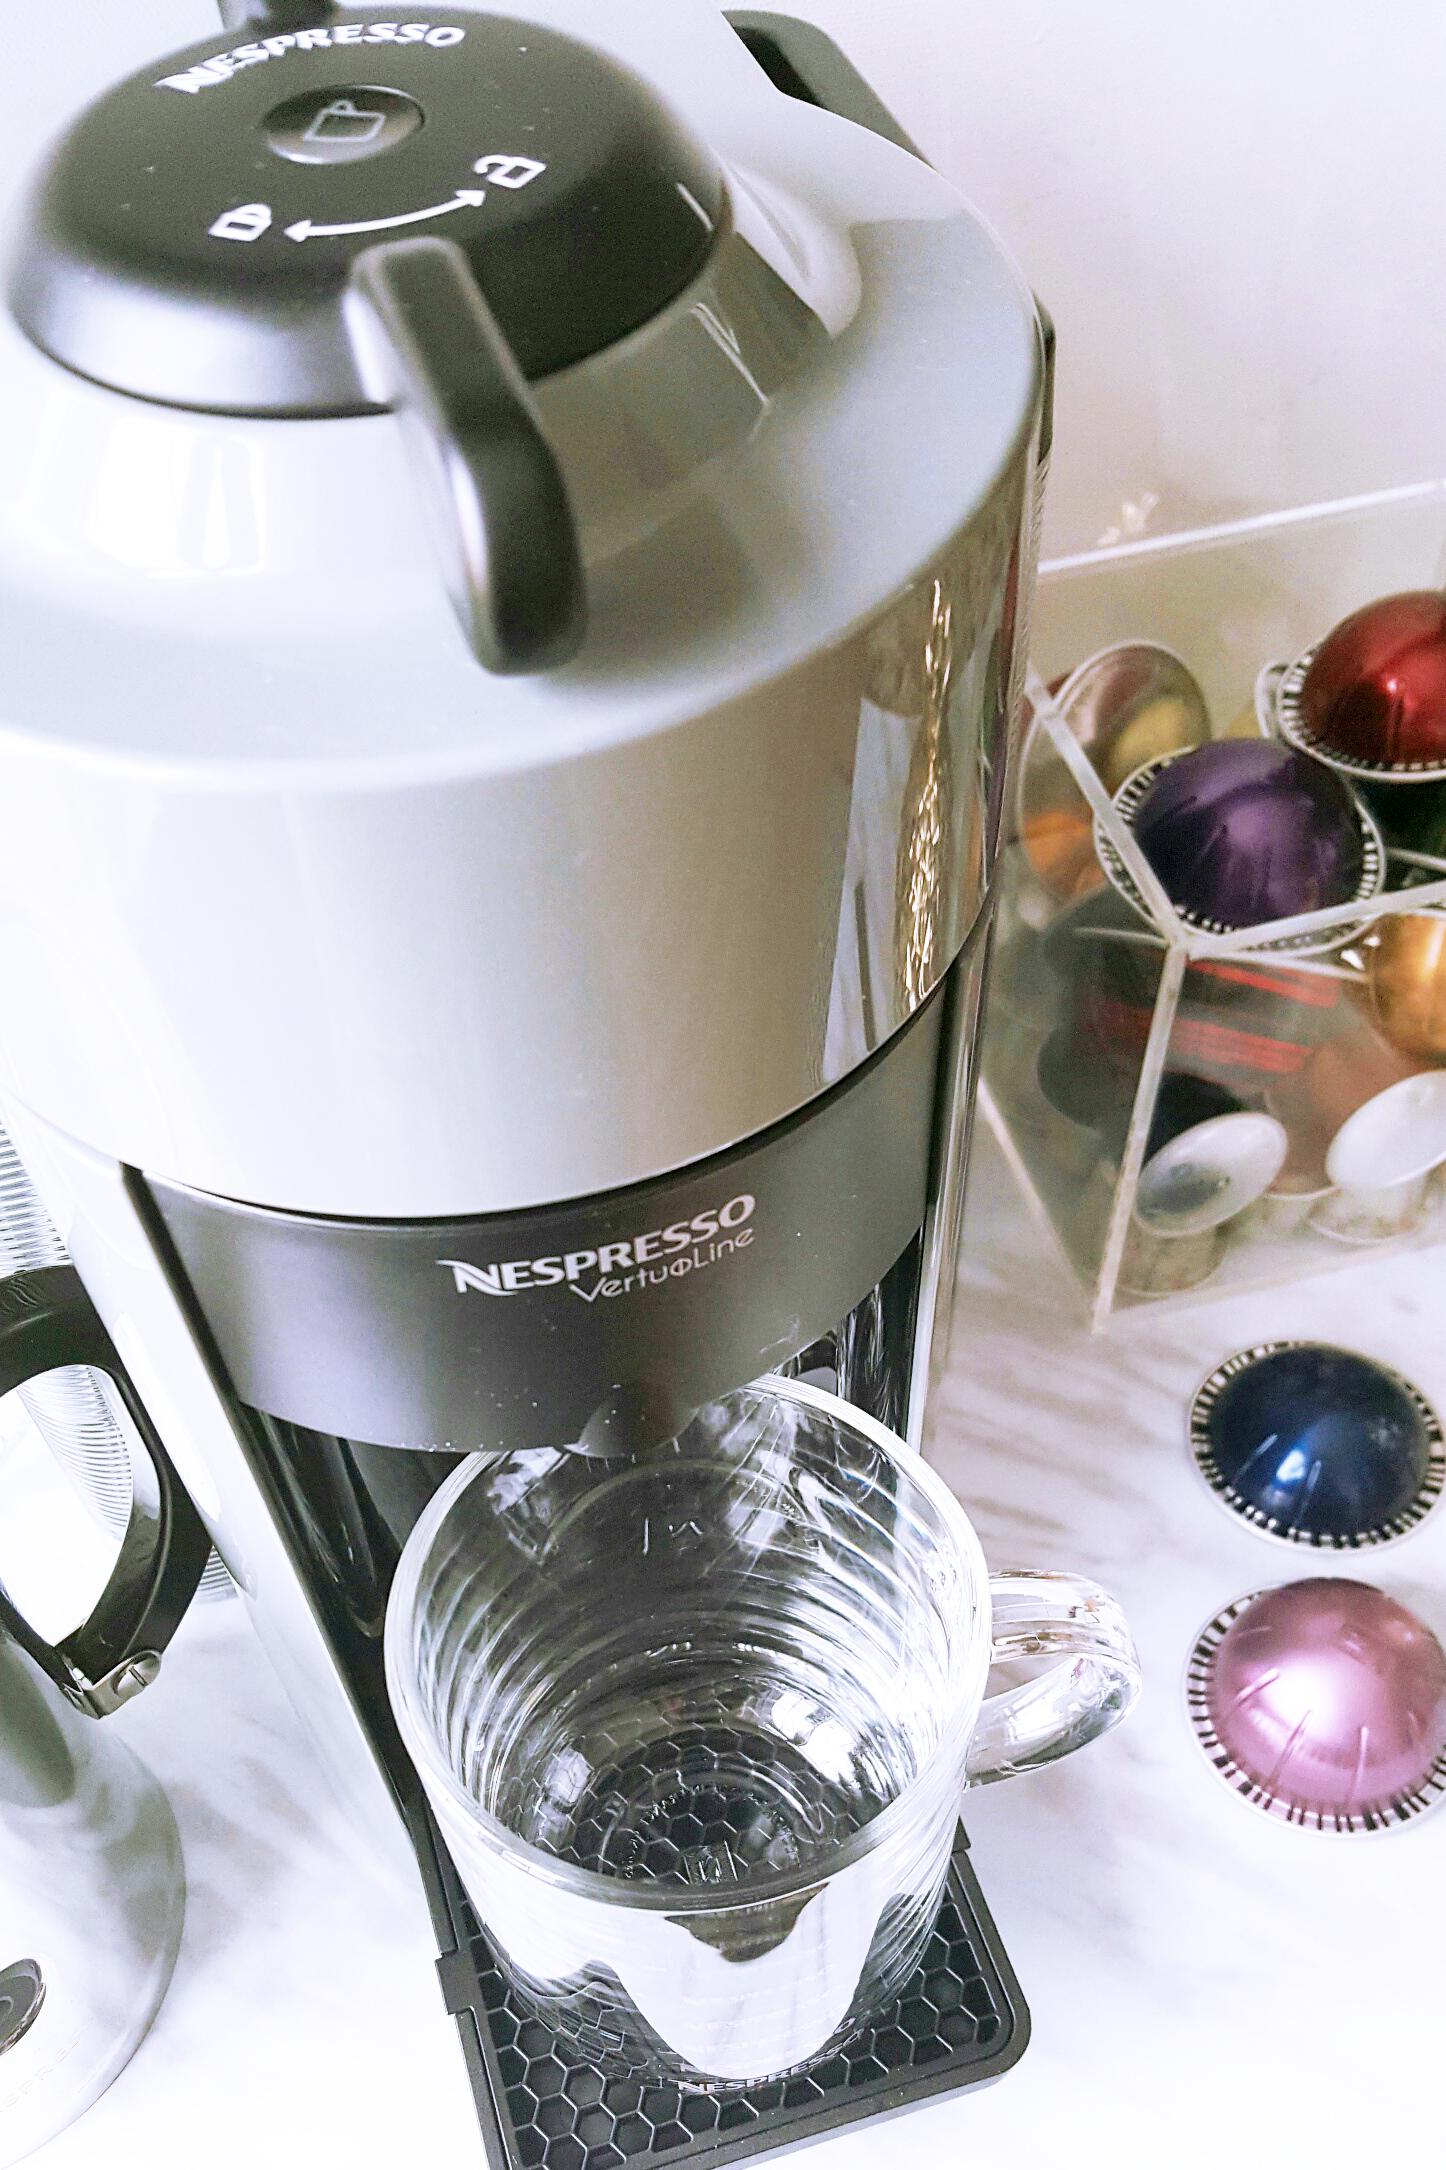 Nespresso VertuoLine 2